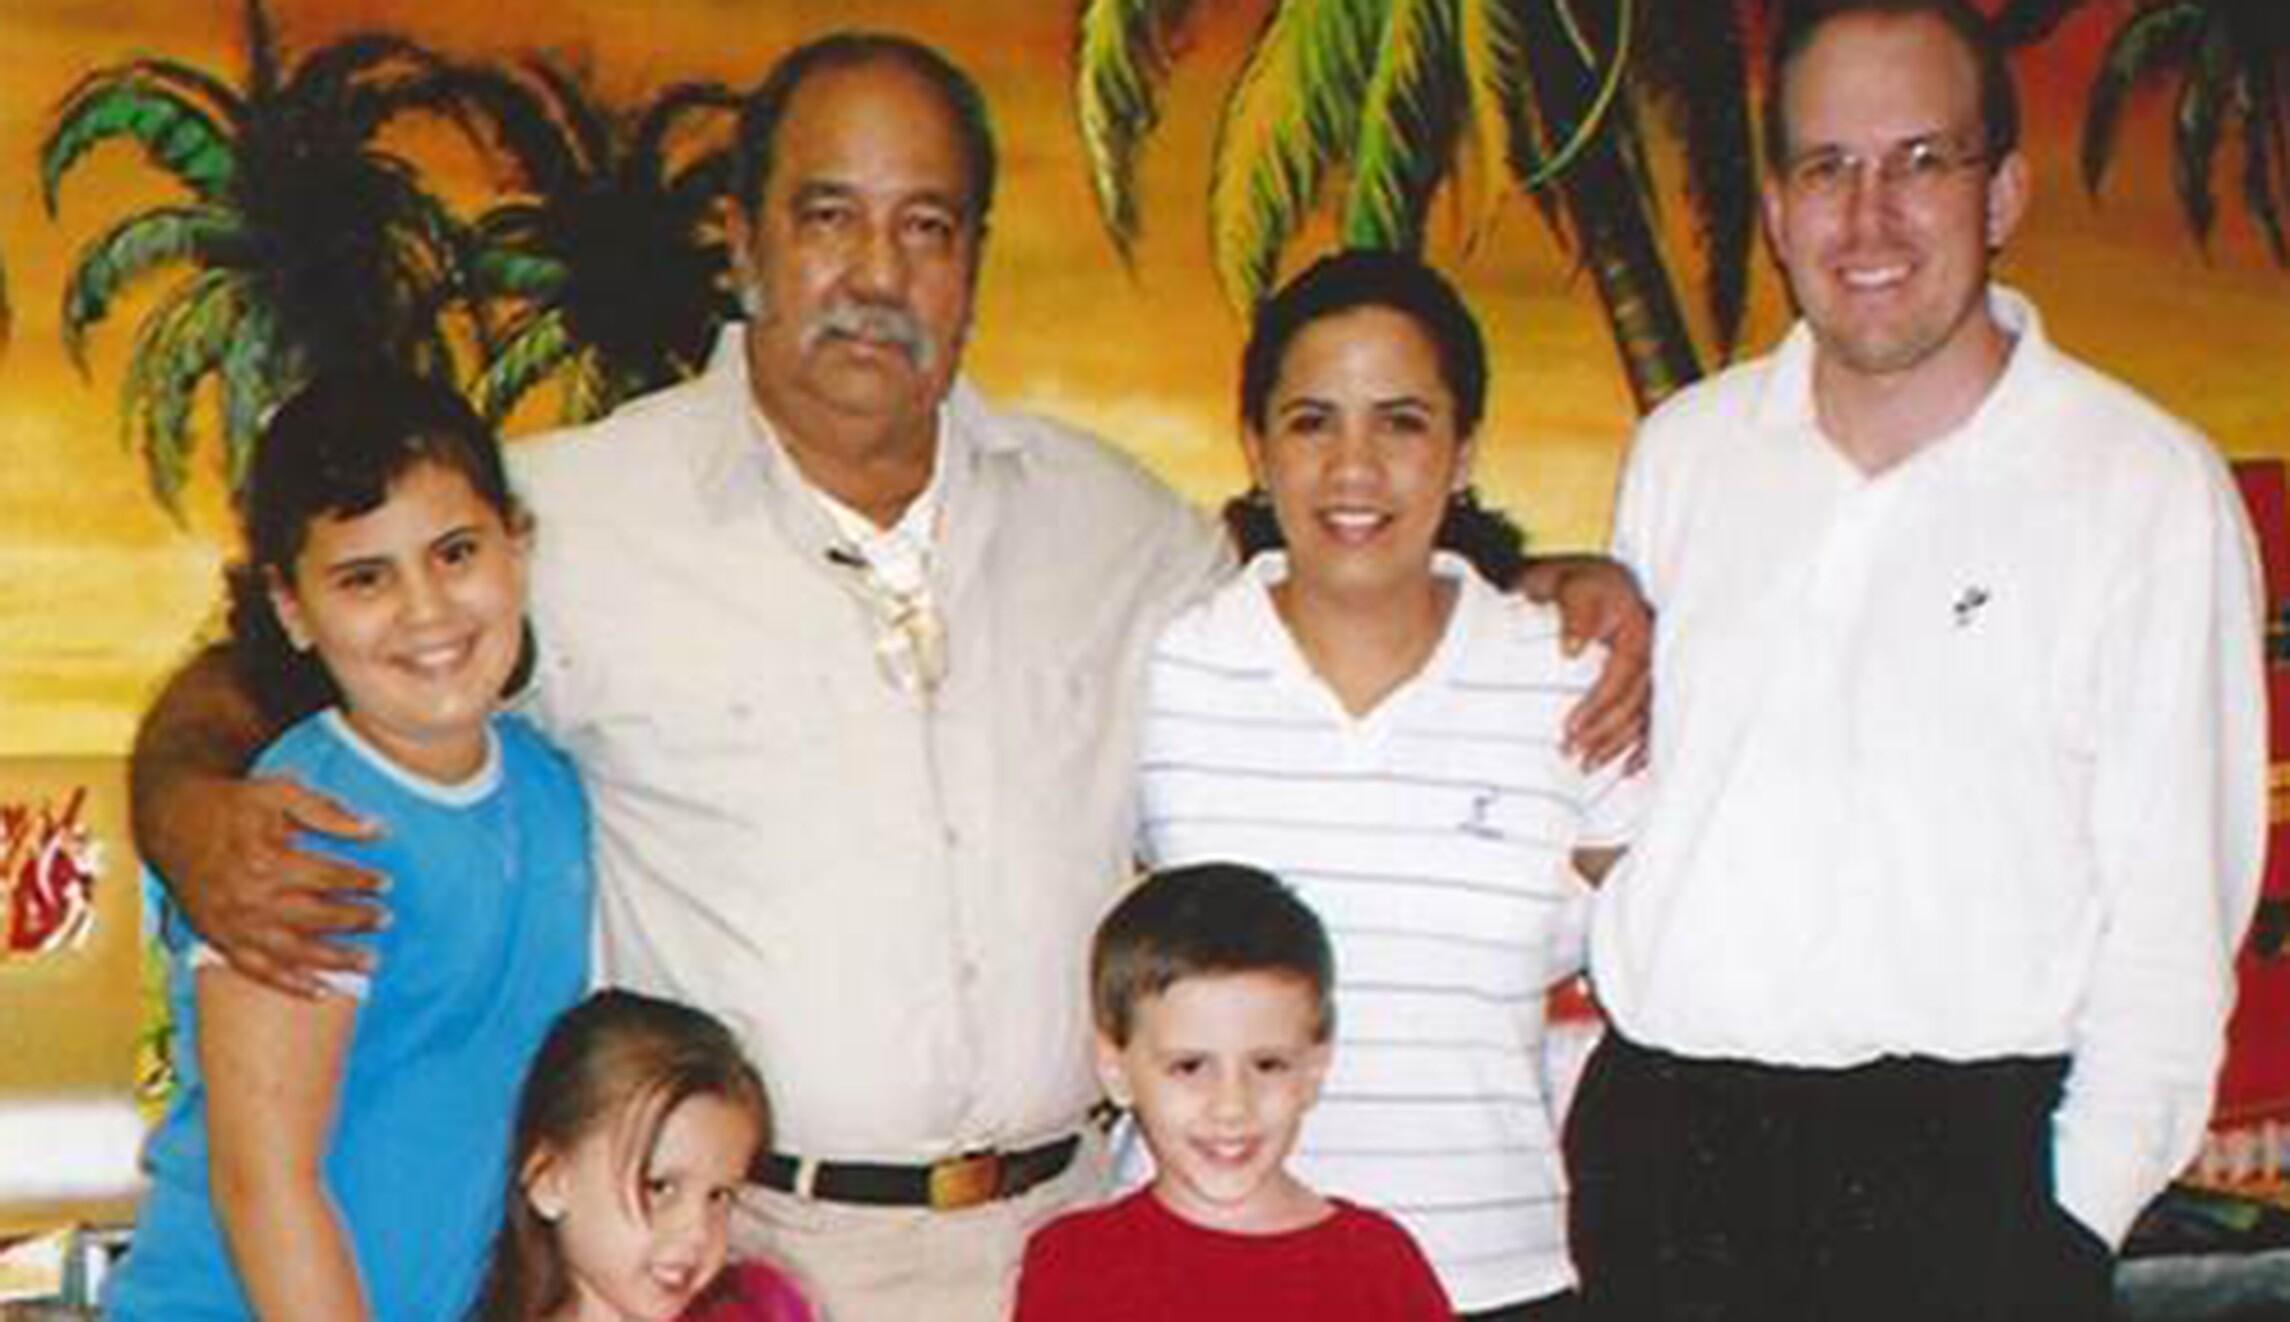 Antonio Bascaro(左上角,第二排)与家人合照。